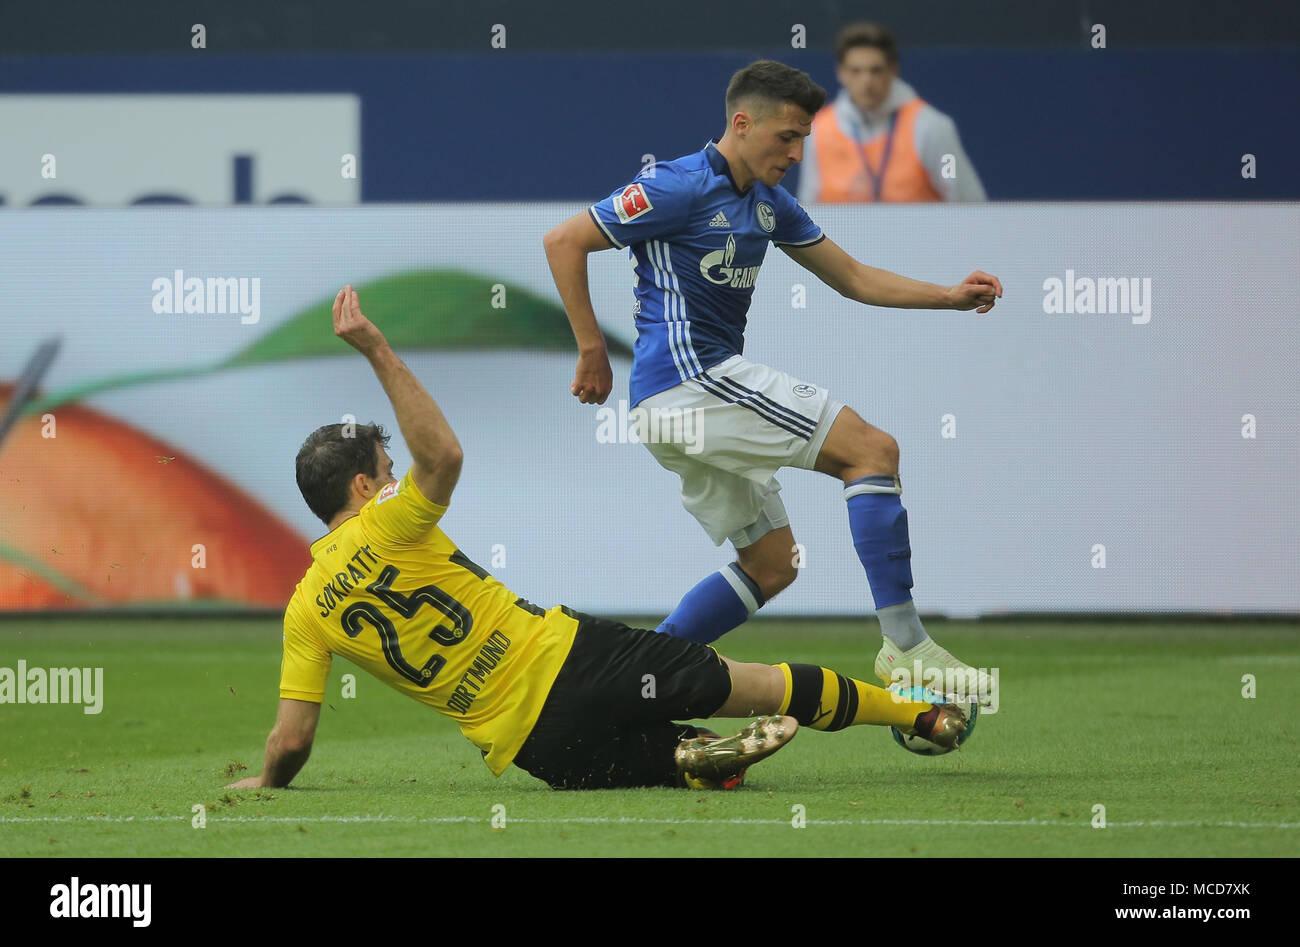 Gelsenkirchen, Alemania el 15 de abril de 2018 la jornada 30 de la Bundesliga, FC Schalke 04 vs el BV Borussia Dortmund: Sokratis (Dortmund) y Alessandro Andre Schoepf (Schalke) en competición. Crédito: Juergen Schwarz/Alamy Live News Foto de stock